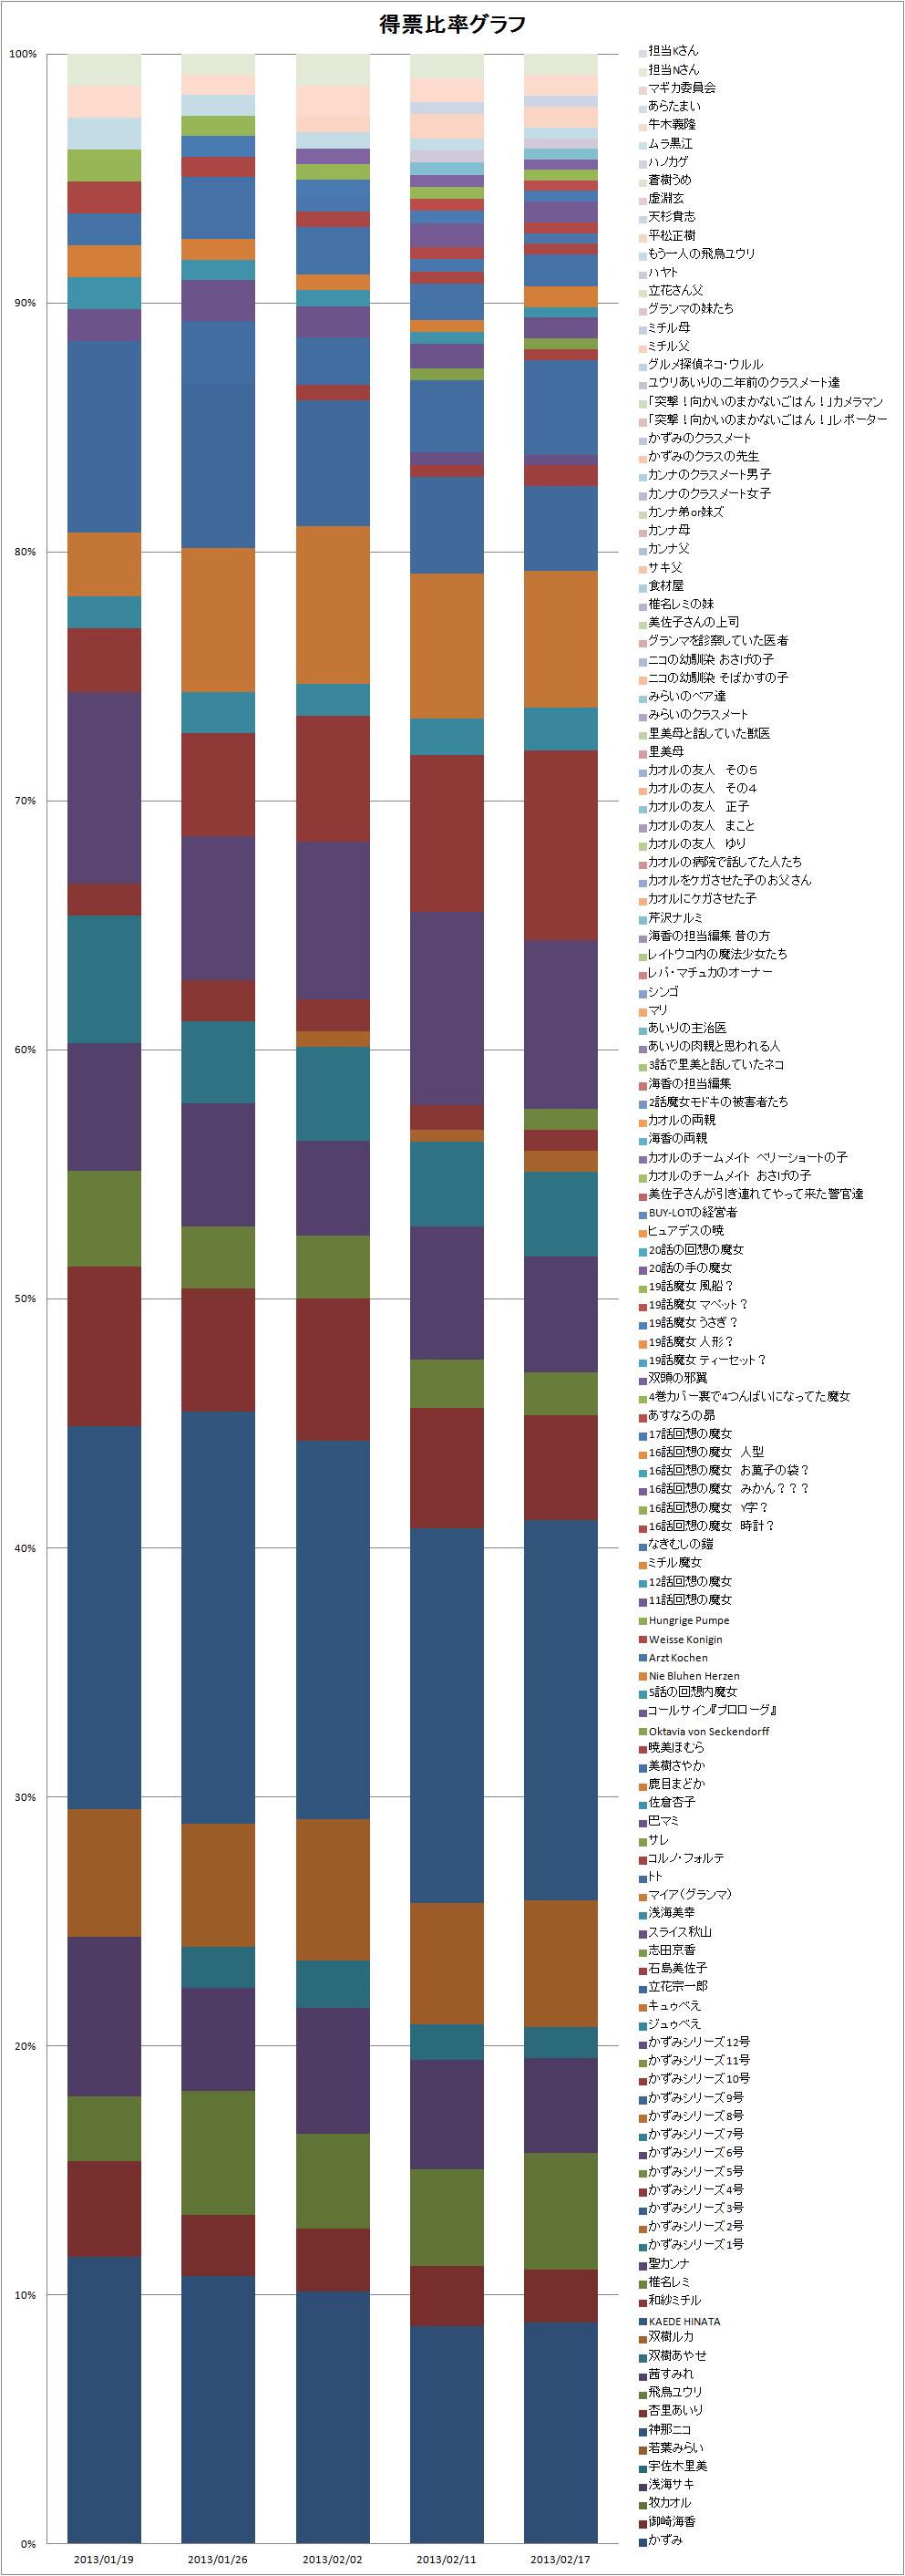 2013/02/19 人気投票 得票率積み上げグラフ 全メンバー